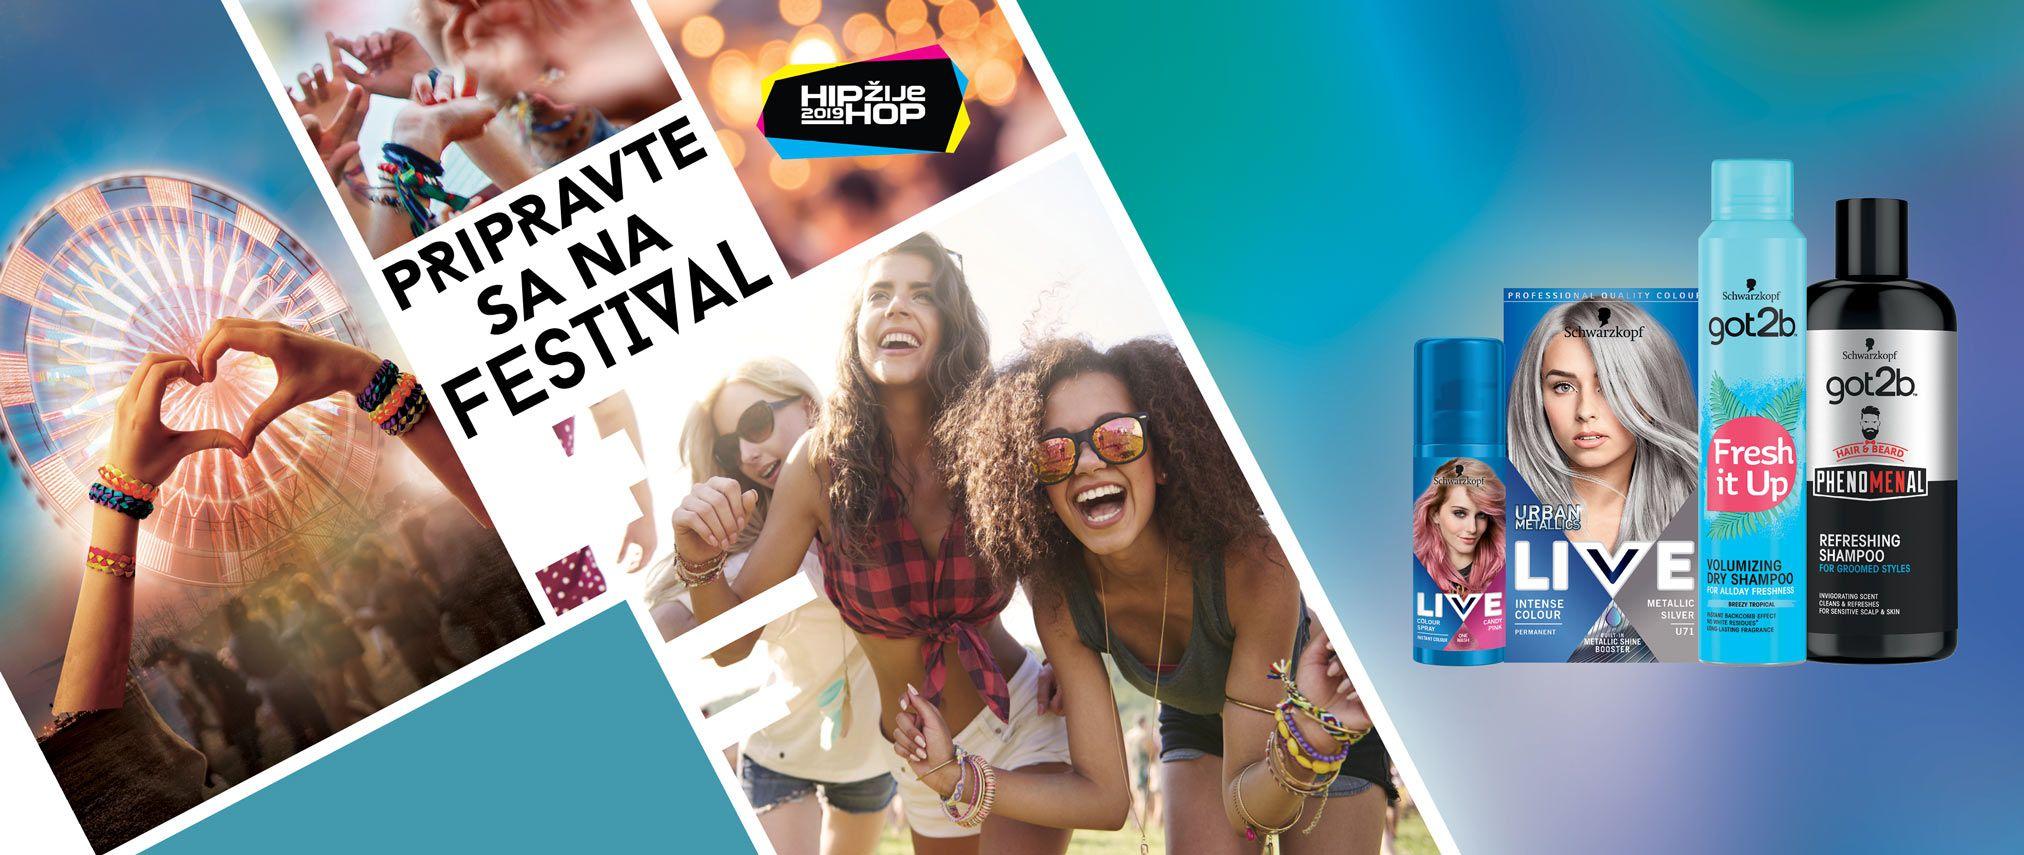 festival promo 2019